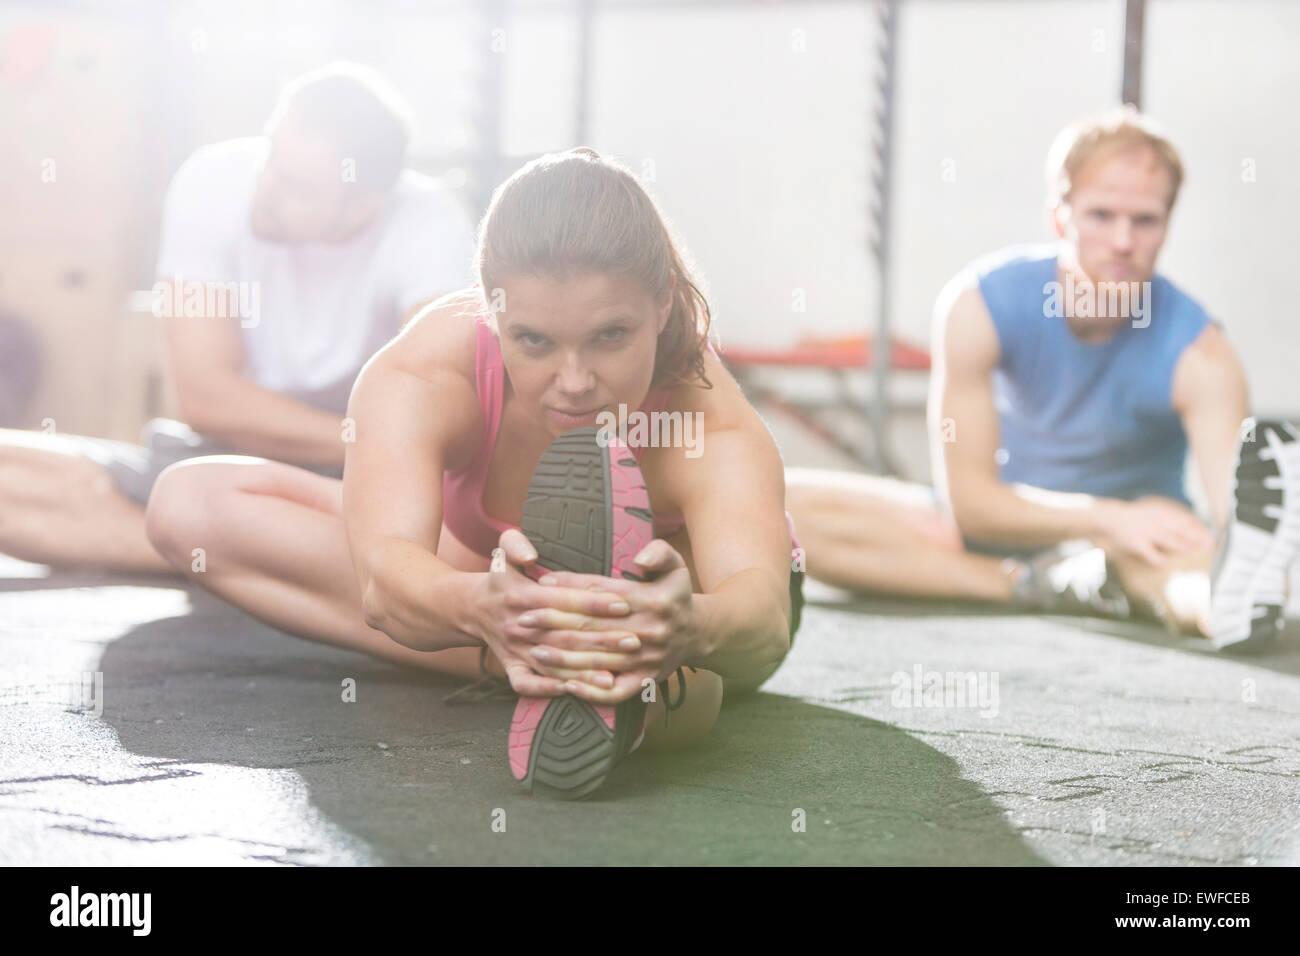 Retrato de mujer confiada ejercitarse en el gimnasio crossfit Imagen De Stock